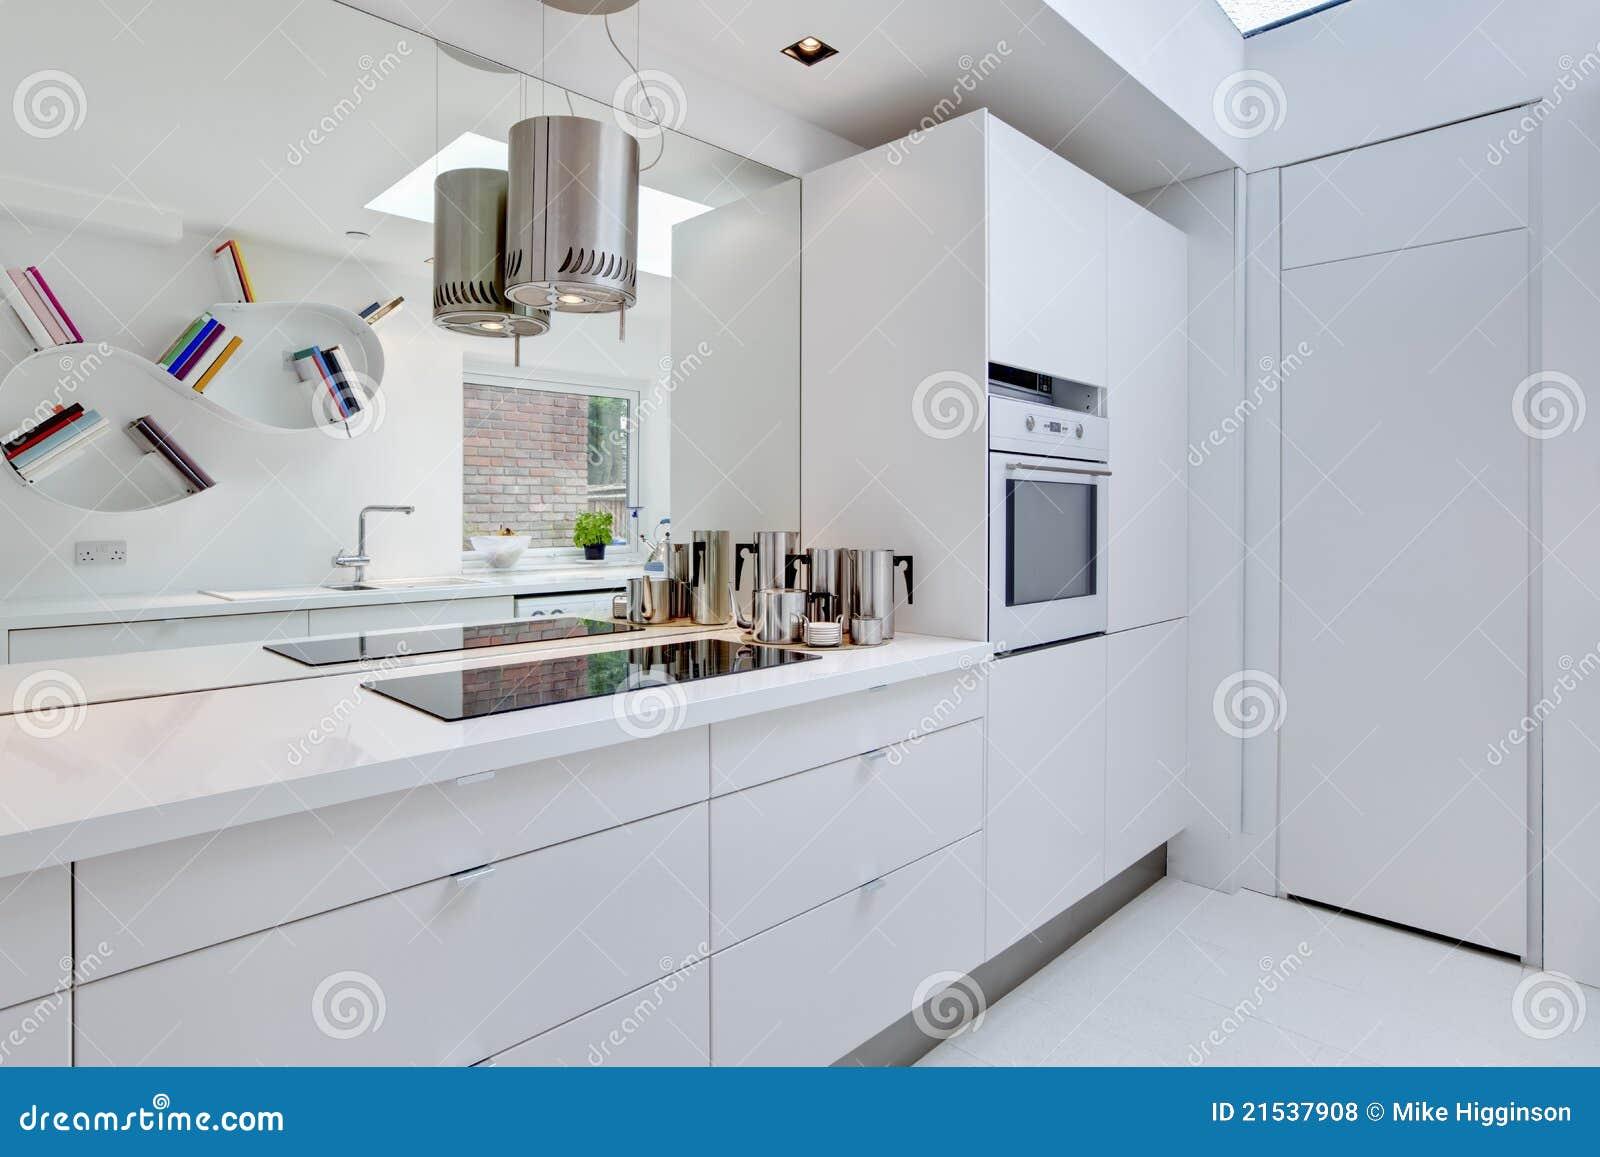 Cucina minimalista contemporanea fotografia stock for Cucina contemporanea prezzi